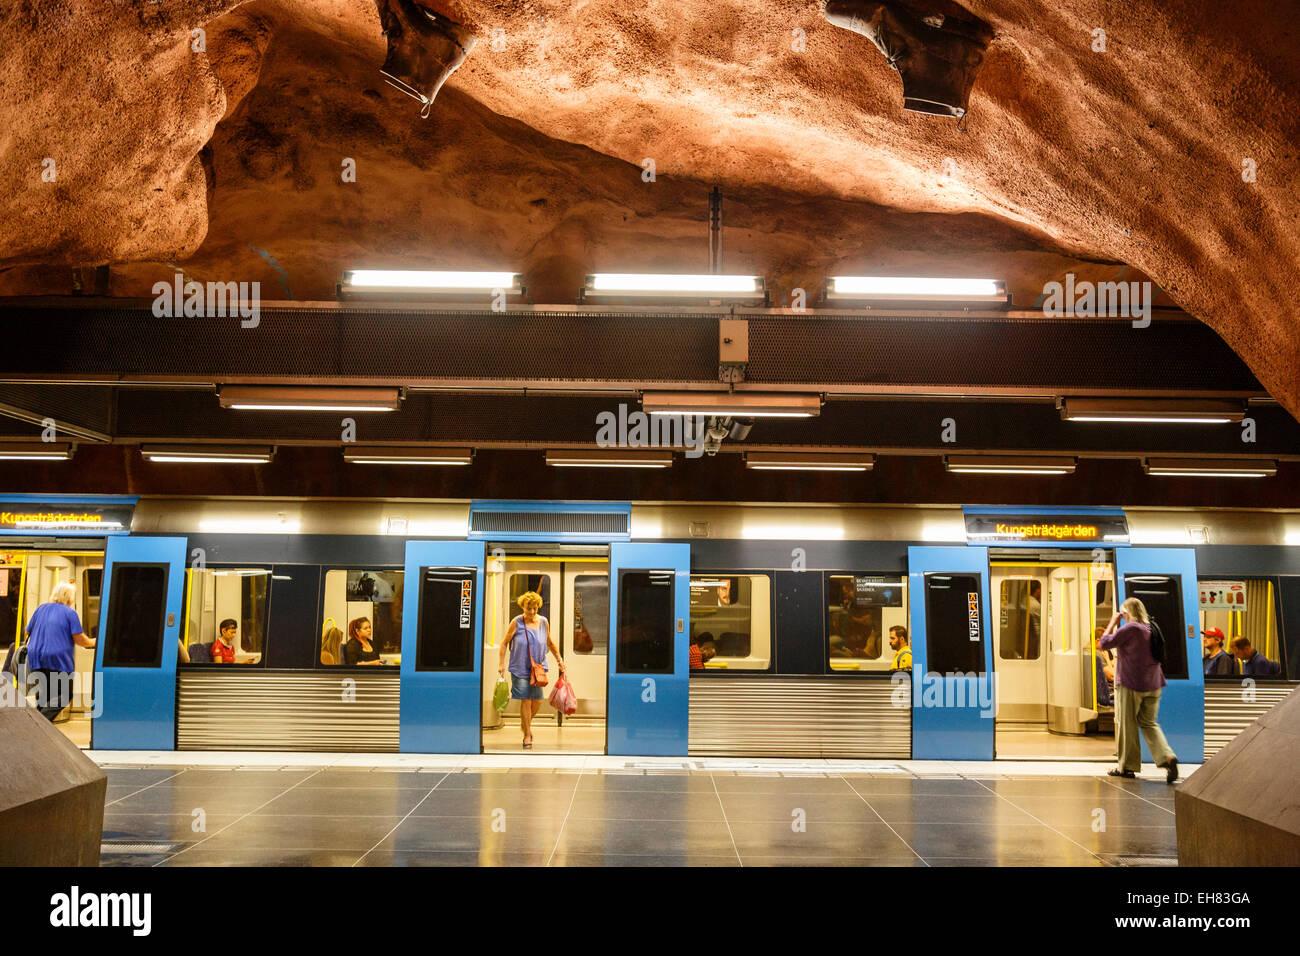 T Bana la stazione della metropolitana di Stoccolma, Svezia, Scandinavia, Europa Immagini Stock